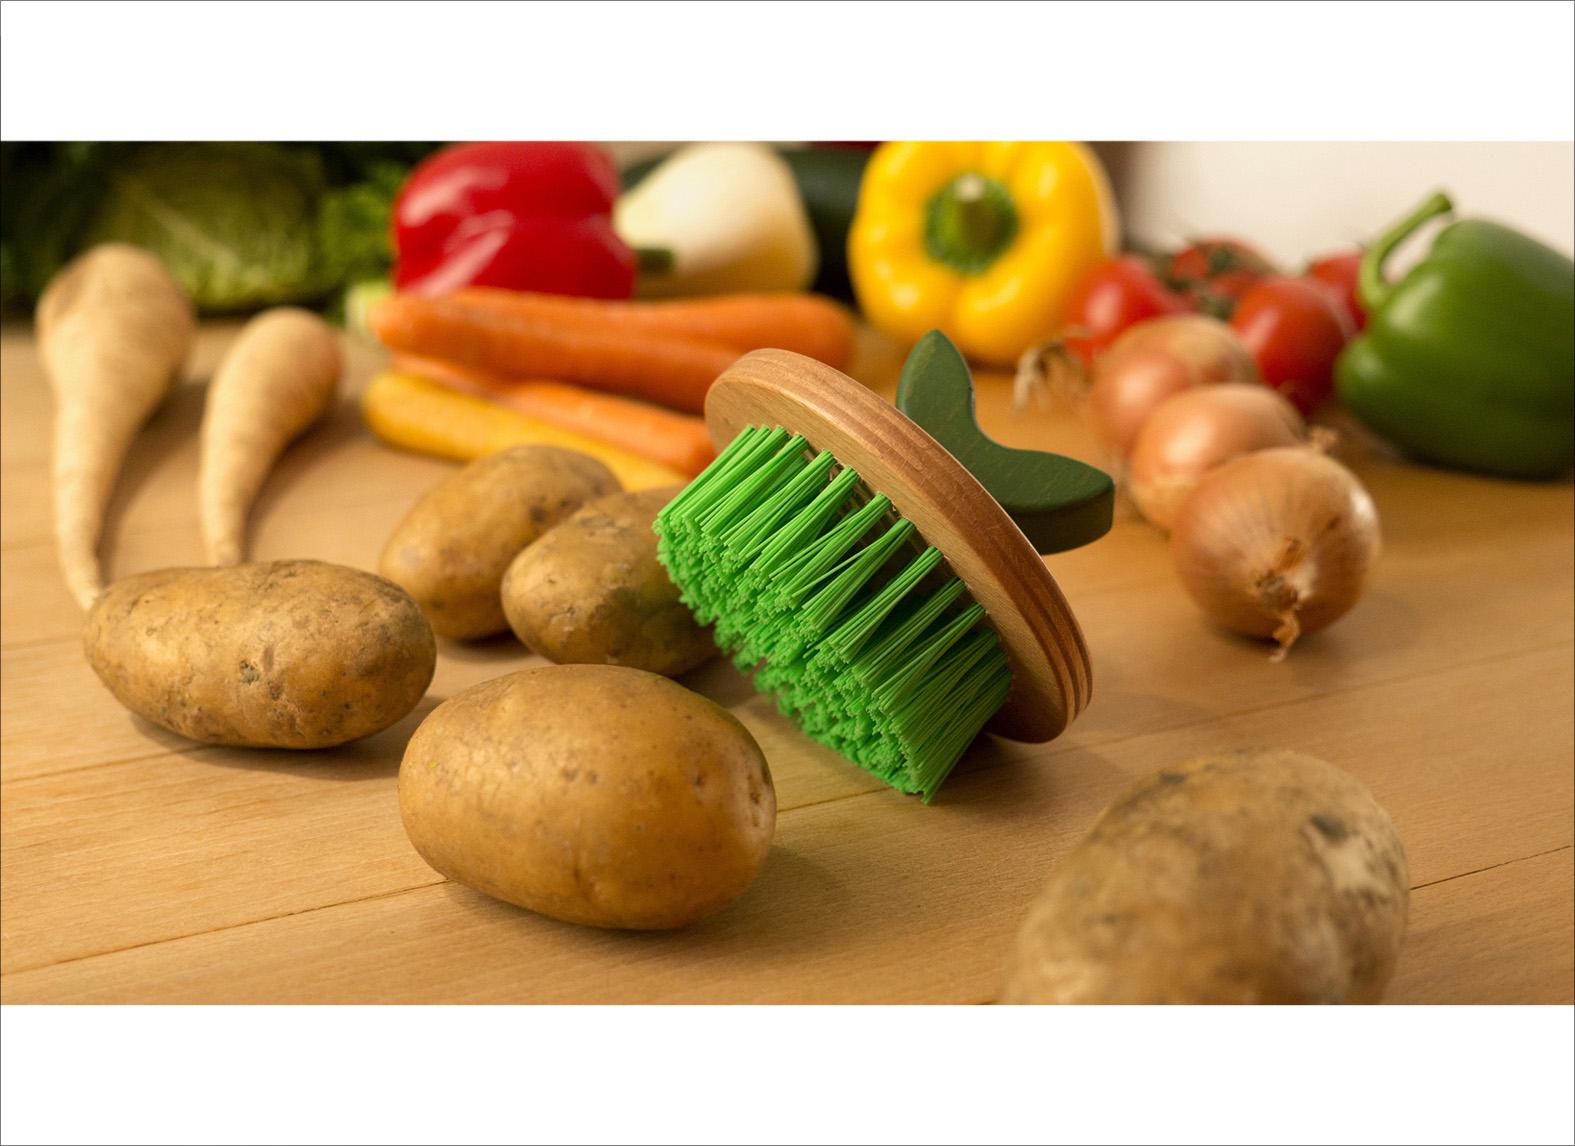 vegetable brush brush.up